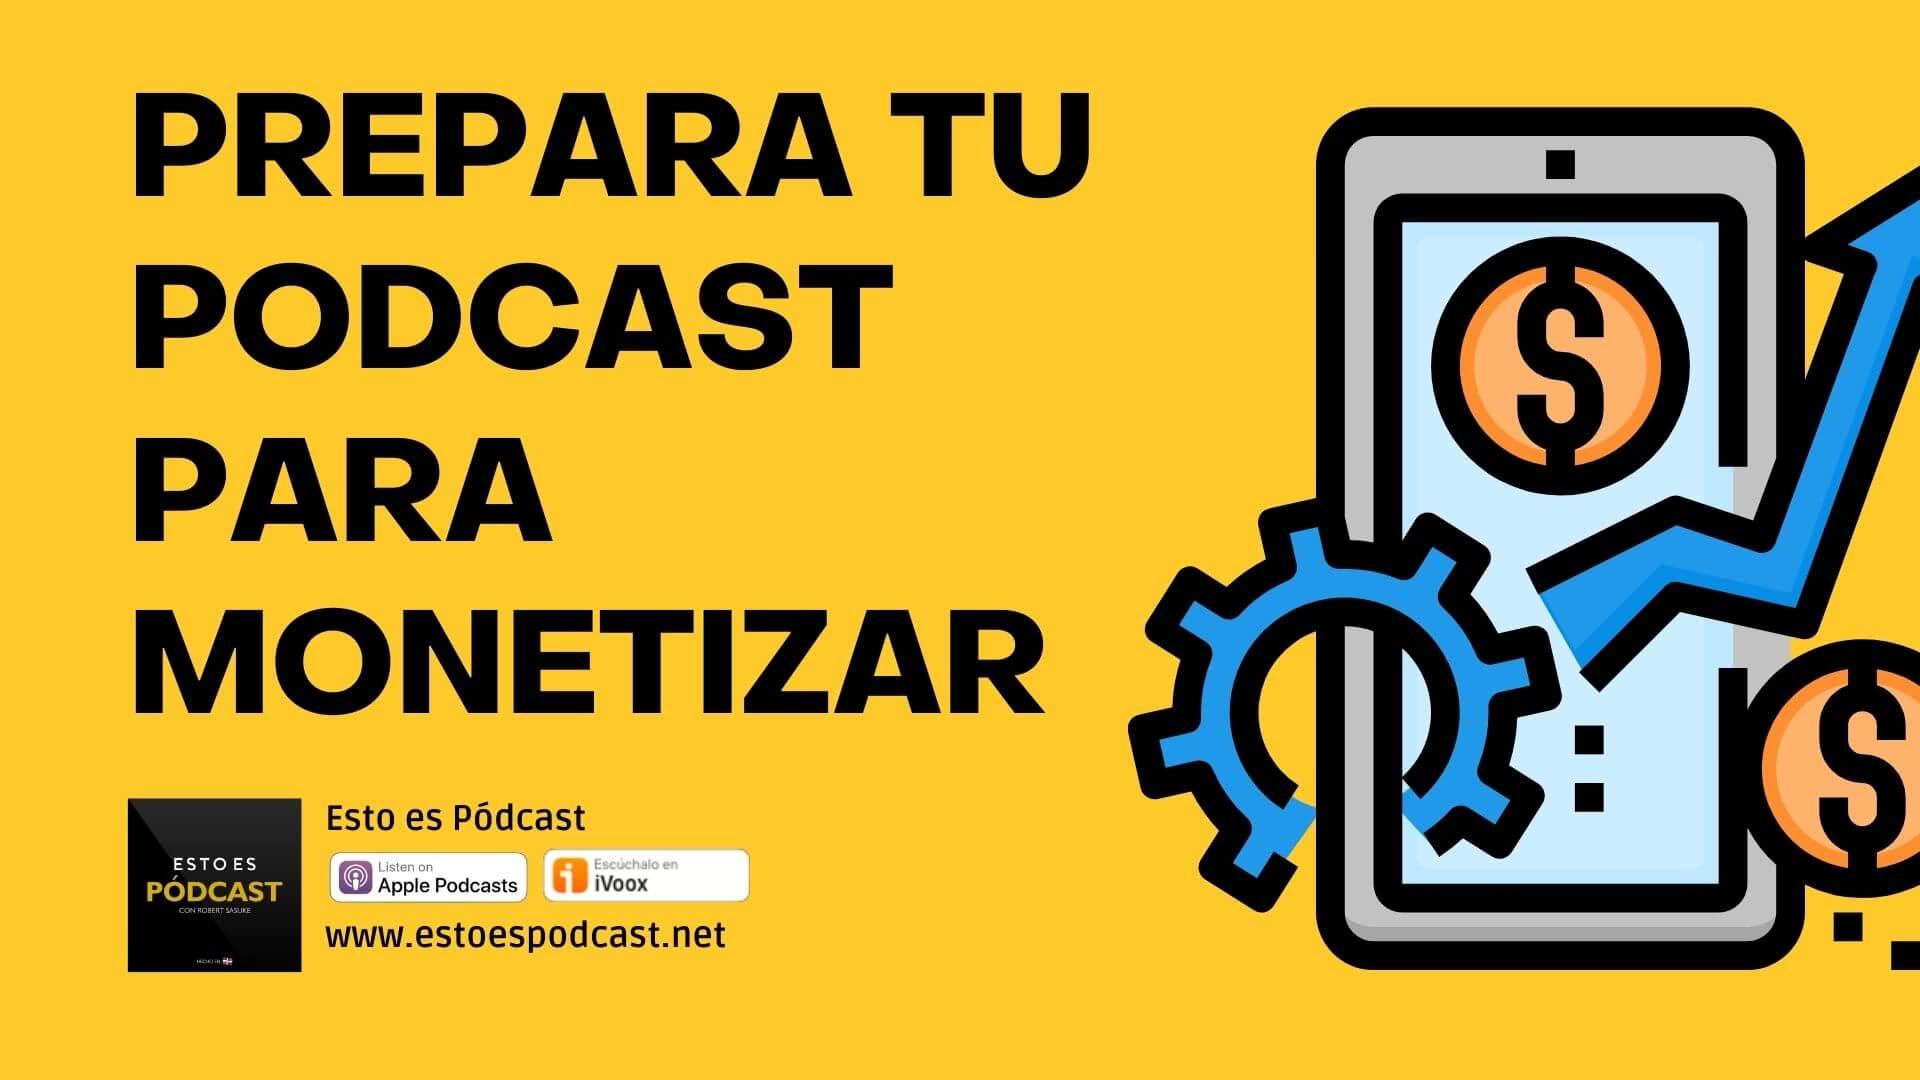 ¿Qué necesito para hacer mi podcast rentable?